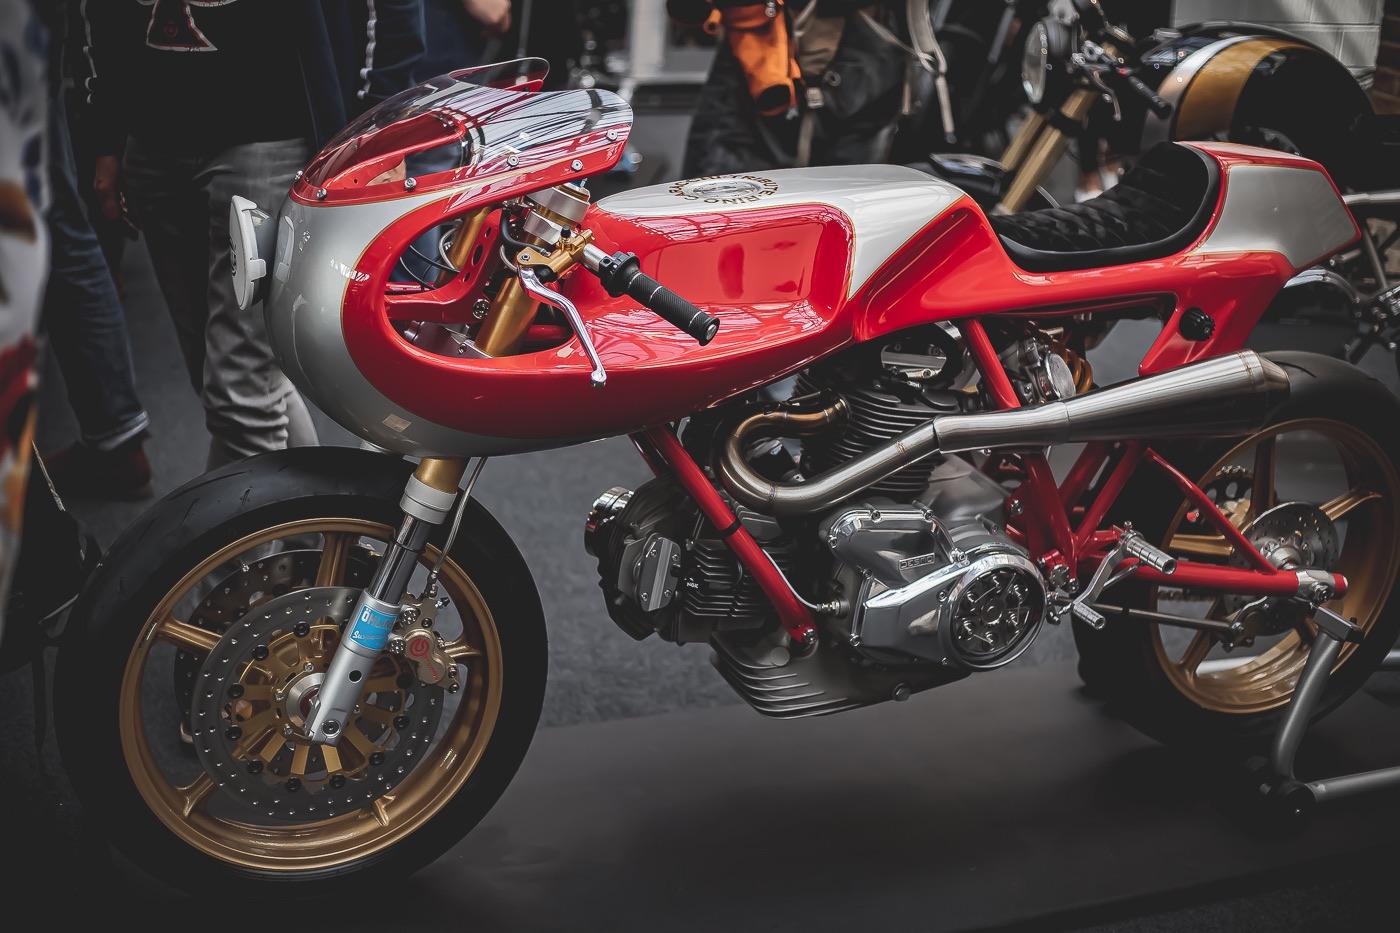 Minimalist Ducati L-Twin Custom Bike Build